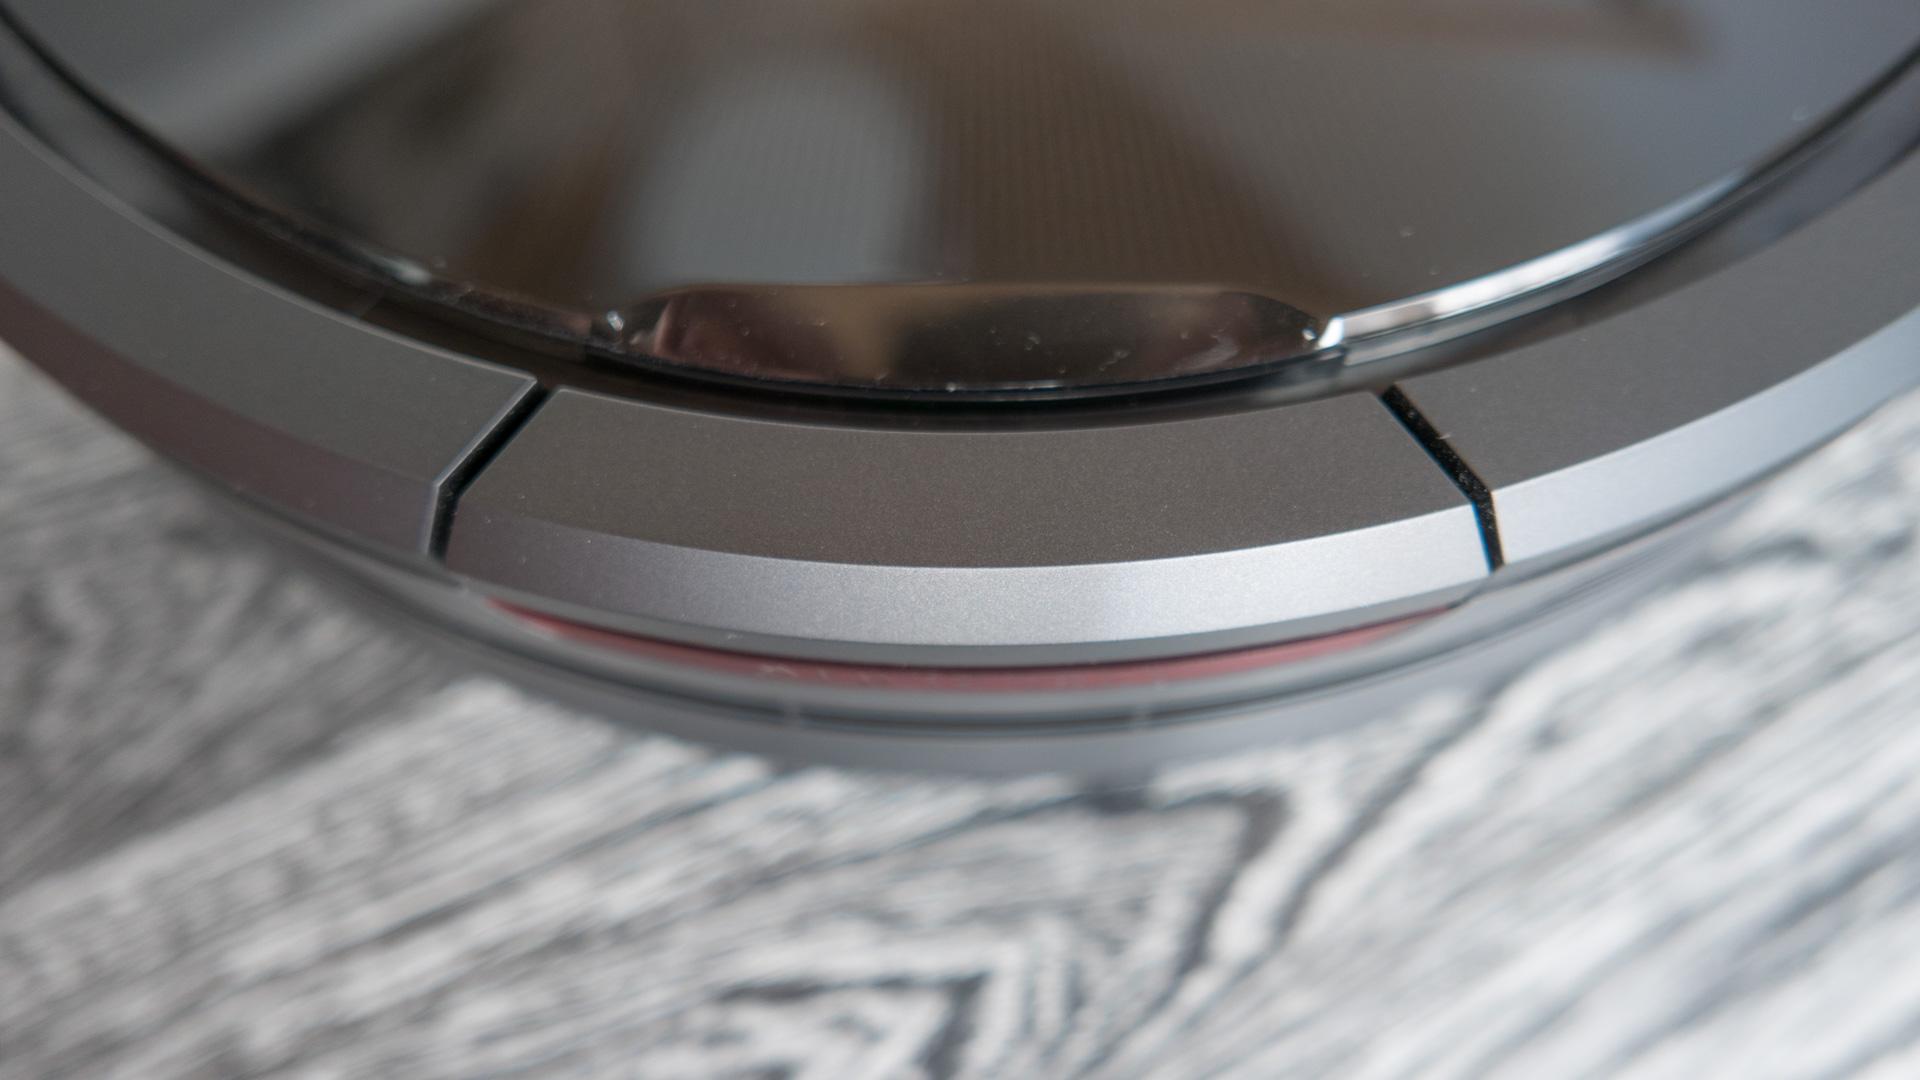 iRobot Roomba 980 Details 08